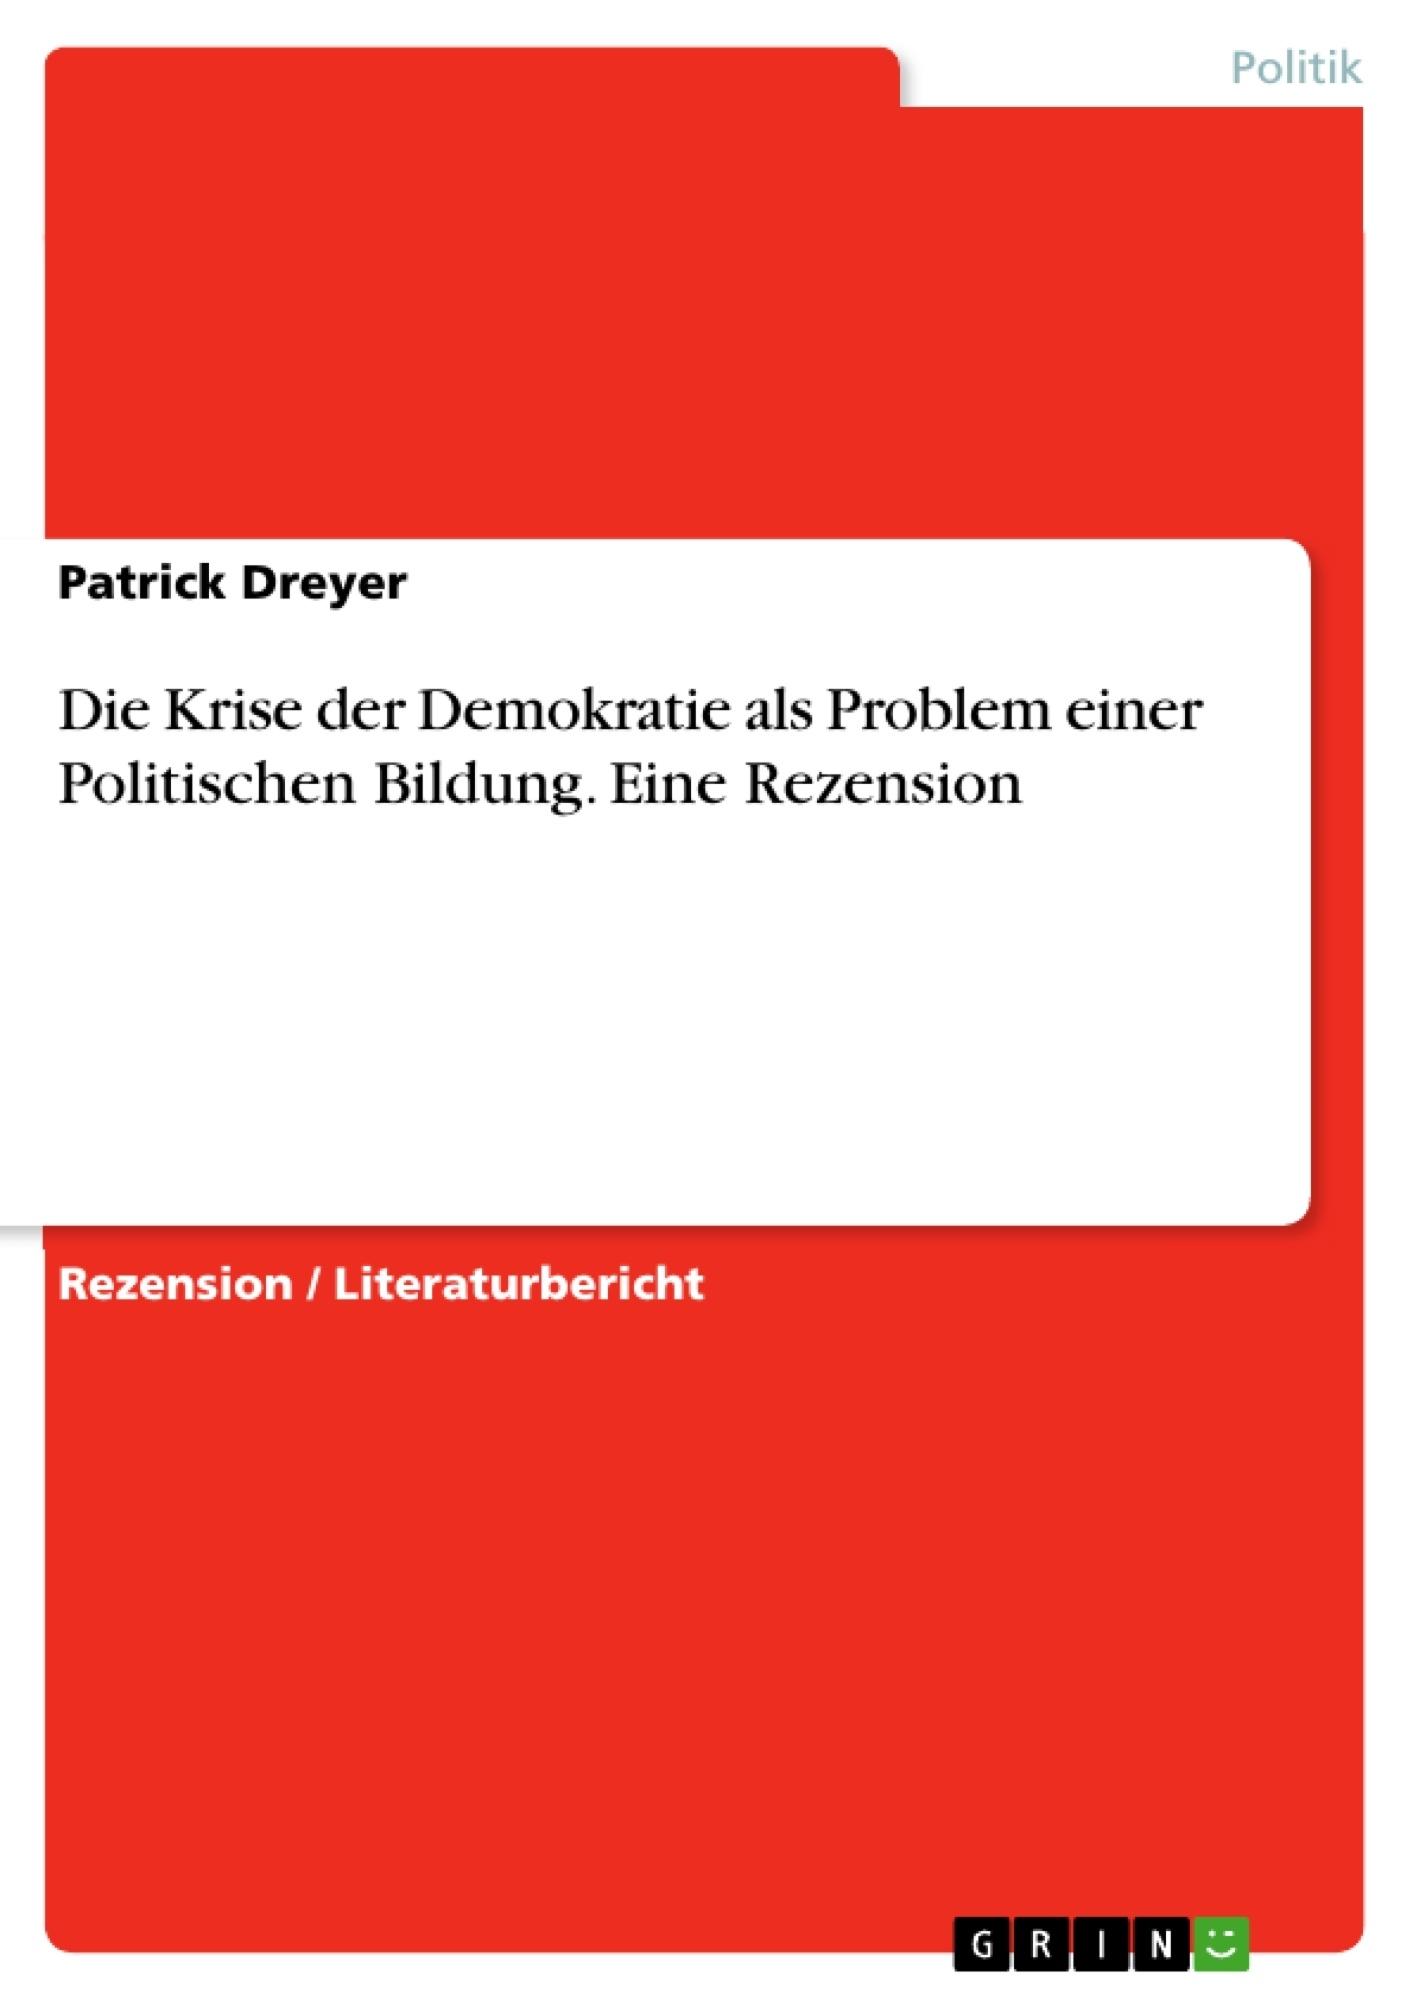 Titel: Die Krise der Demokratie als Problem einer Politischen Bildung. Eine Rezension